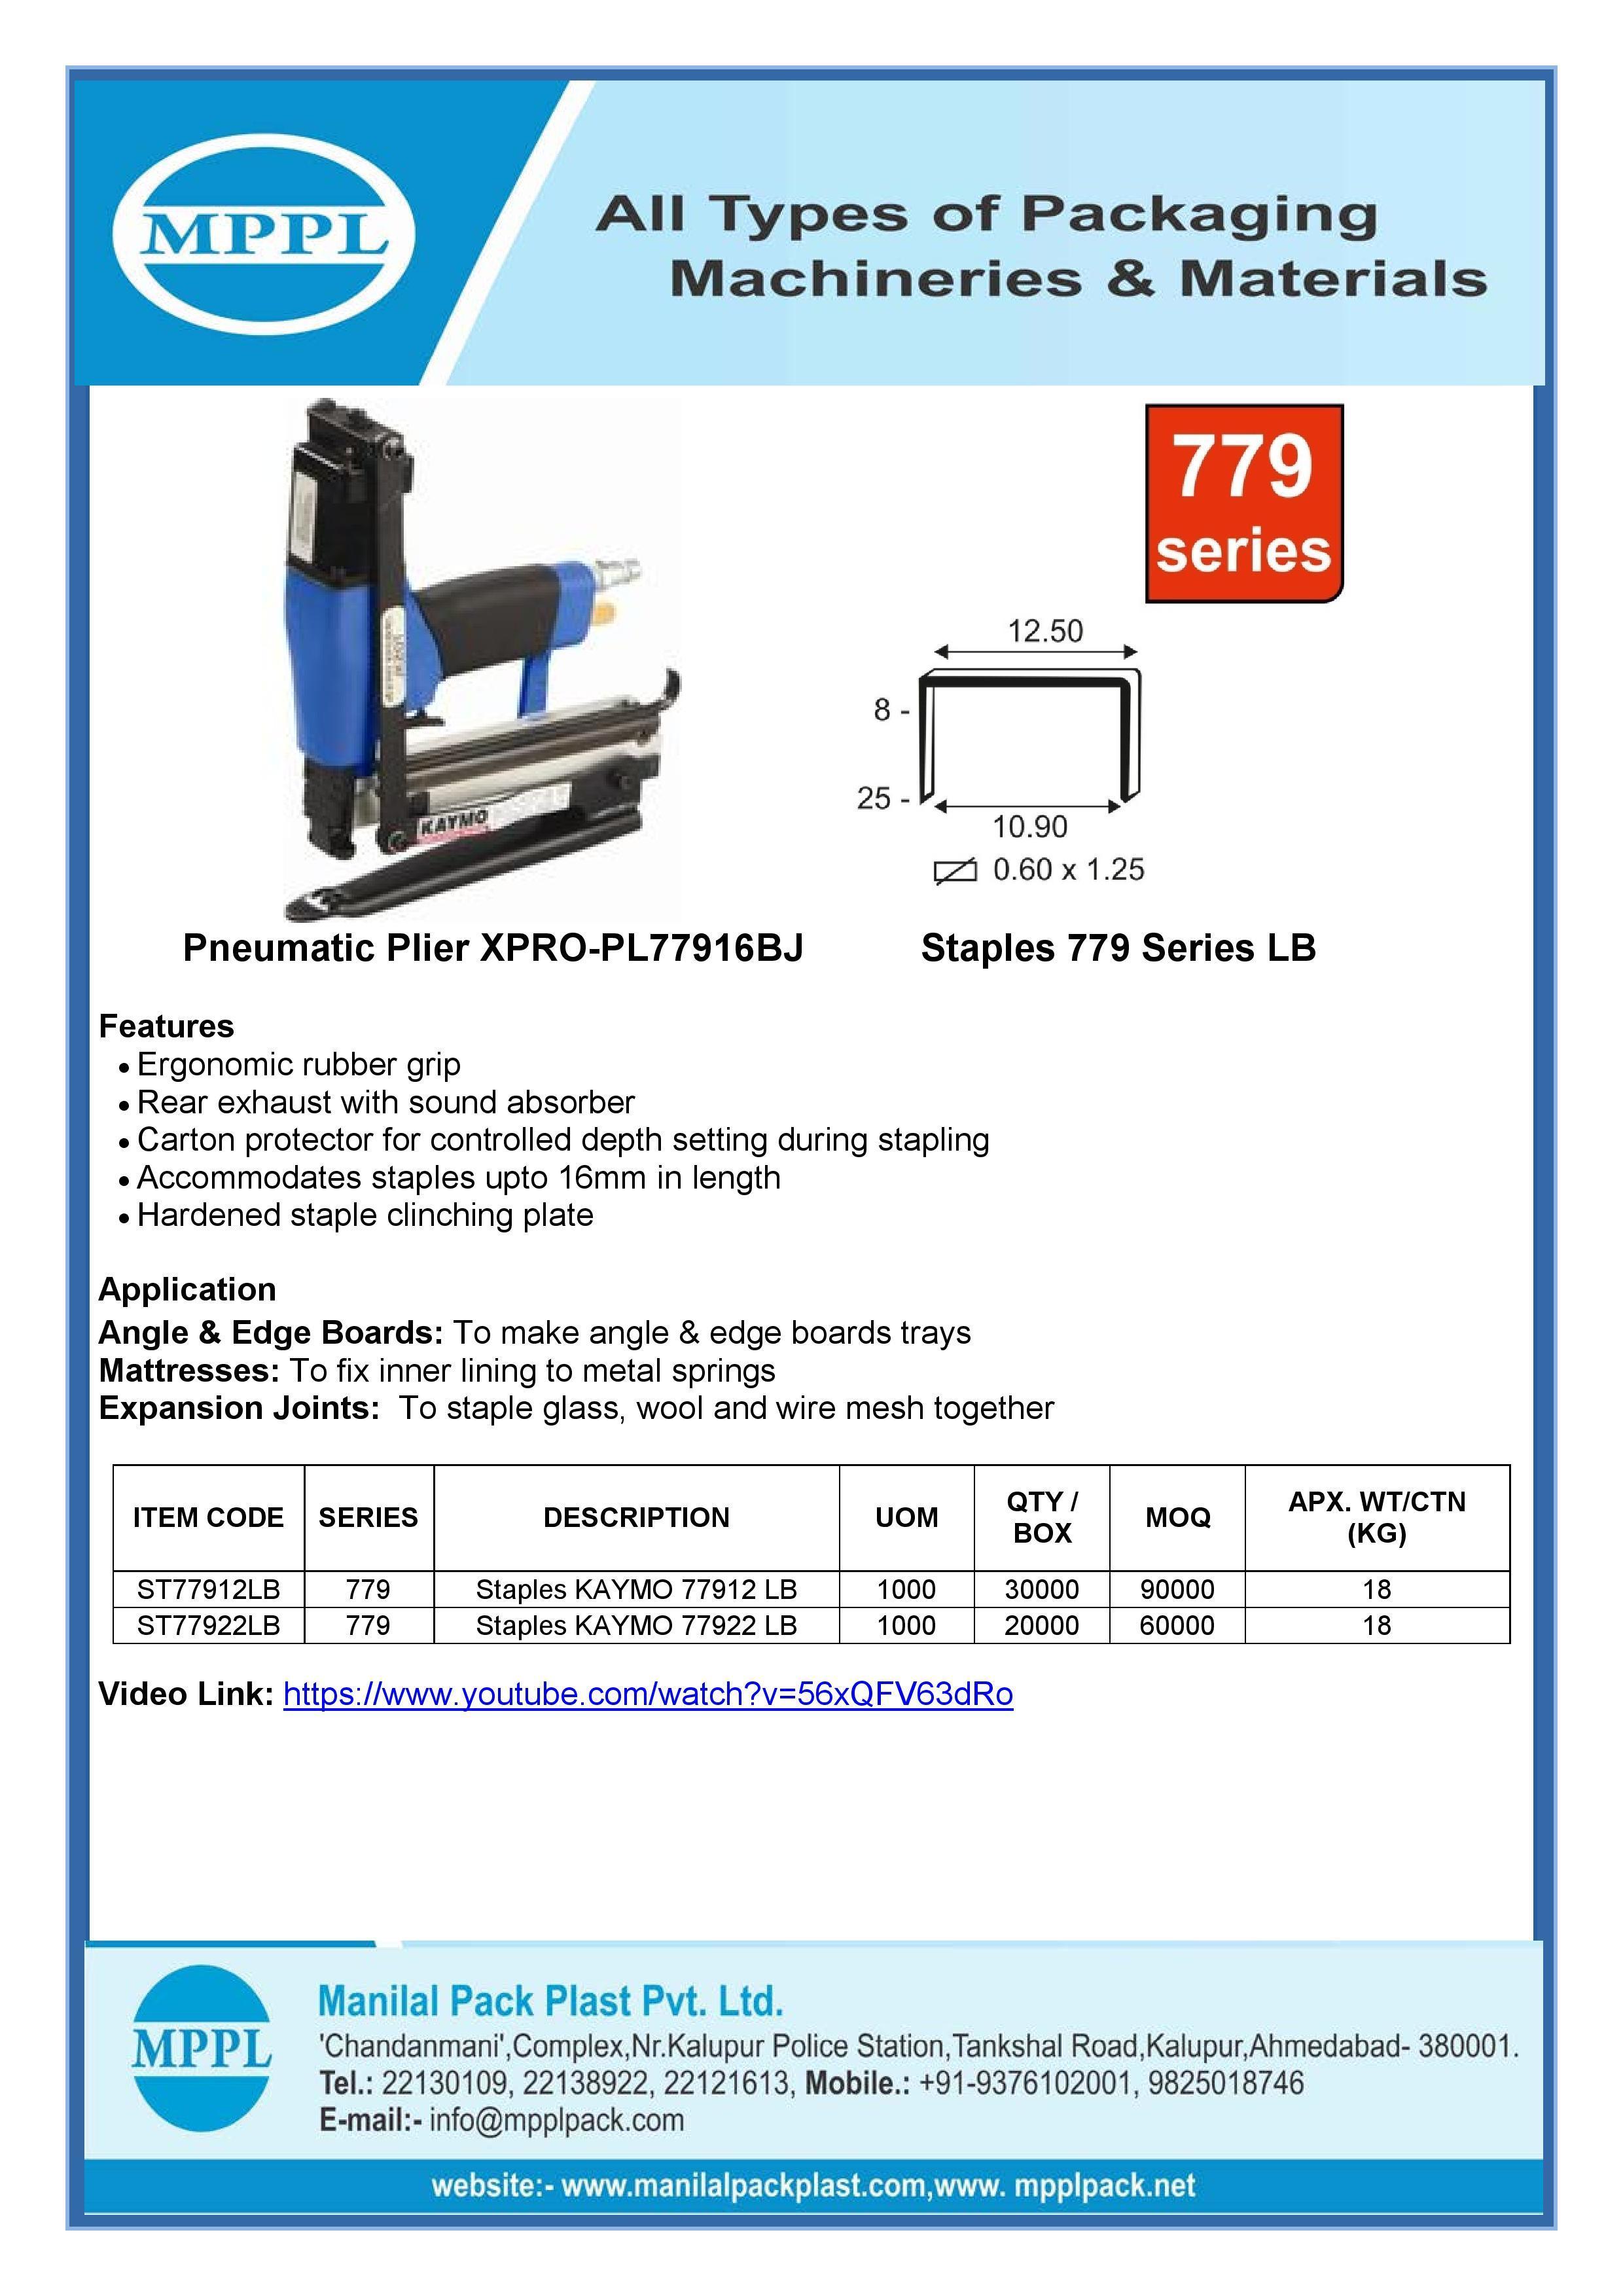 Pneumatic Plier XPRO-PL77916BJ